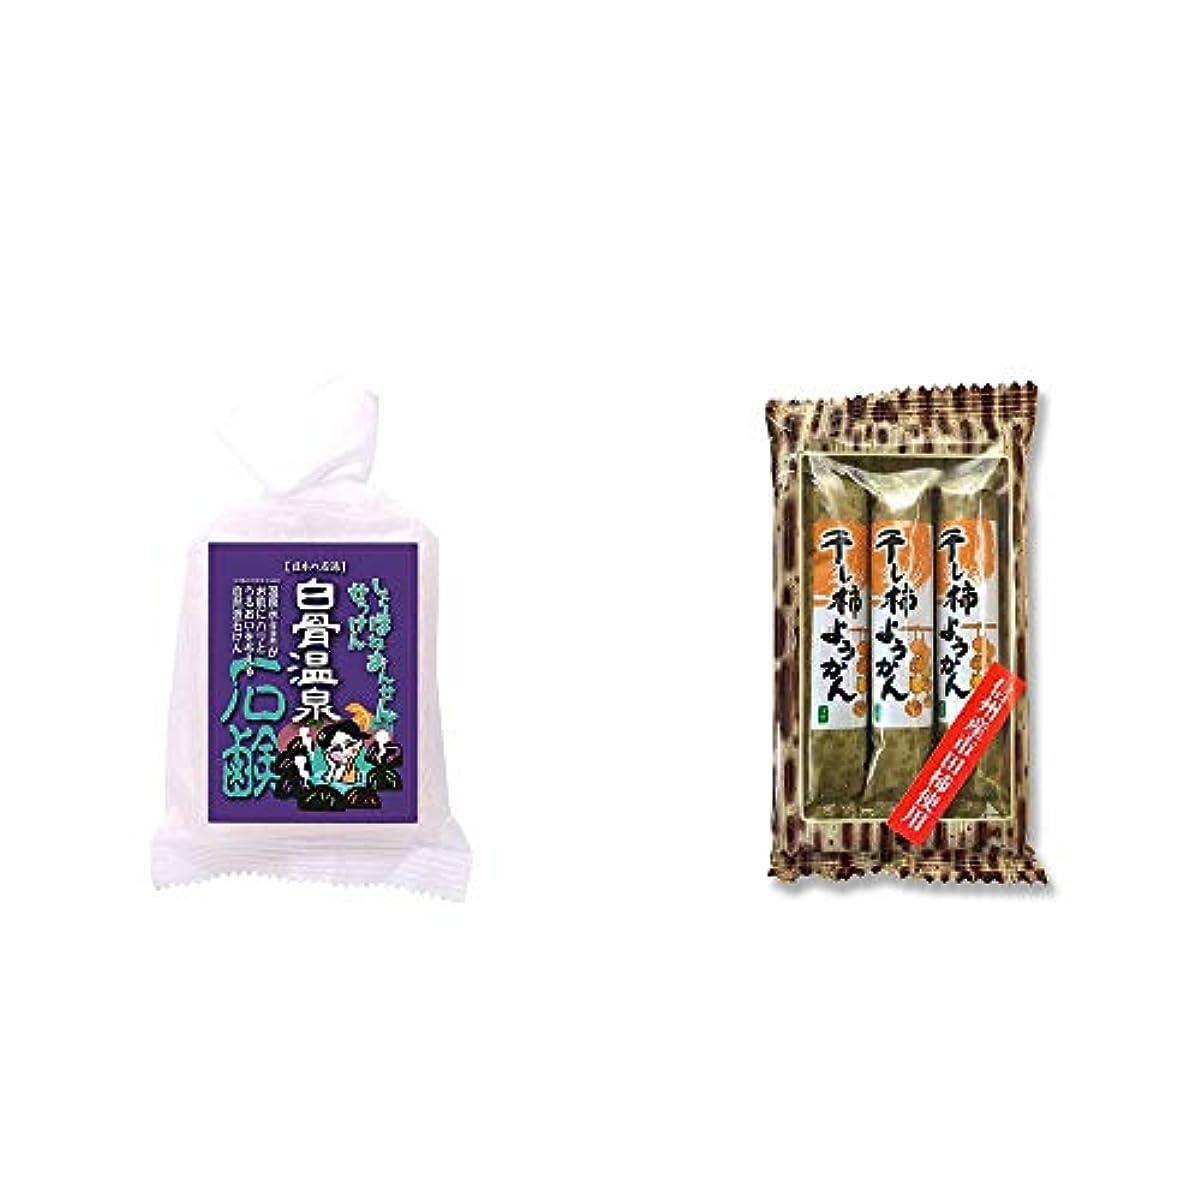 自慢哲学的安全性[2点セット] 信州 白骨温泉石鹸(80g)?信州産市田柿使用 スティックようかん[柿](50g×3本)